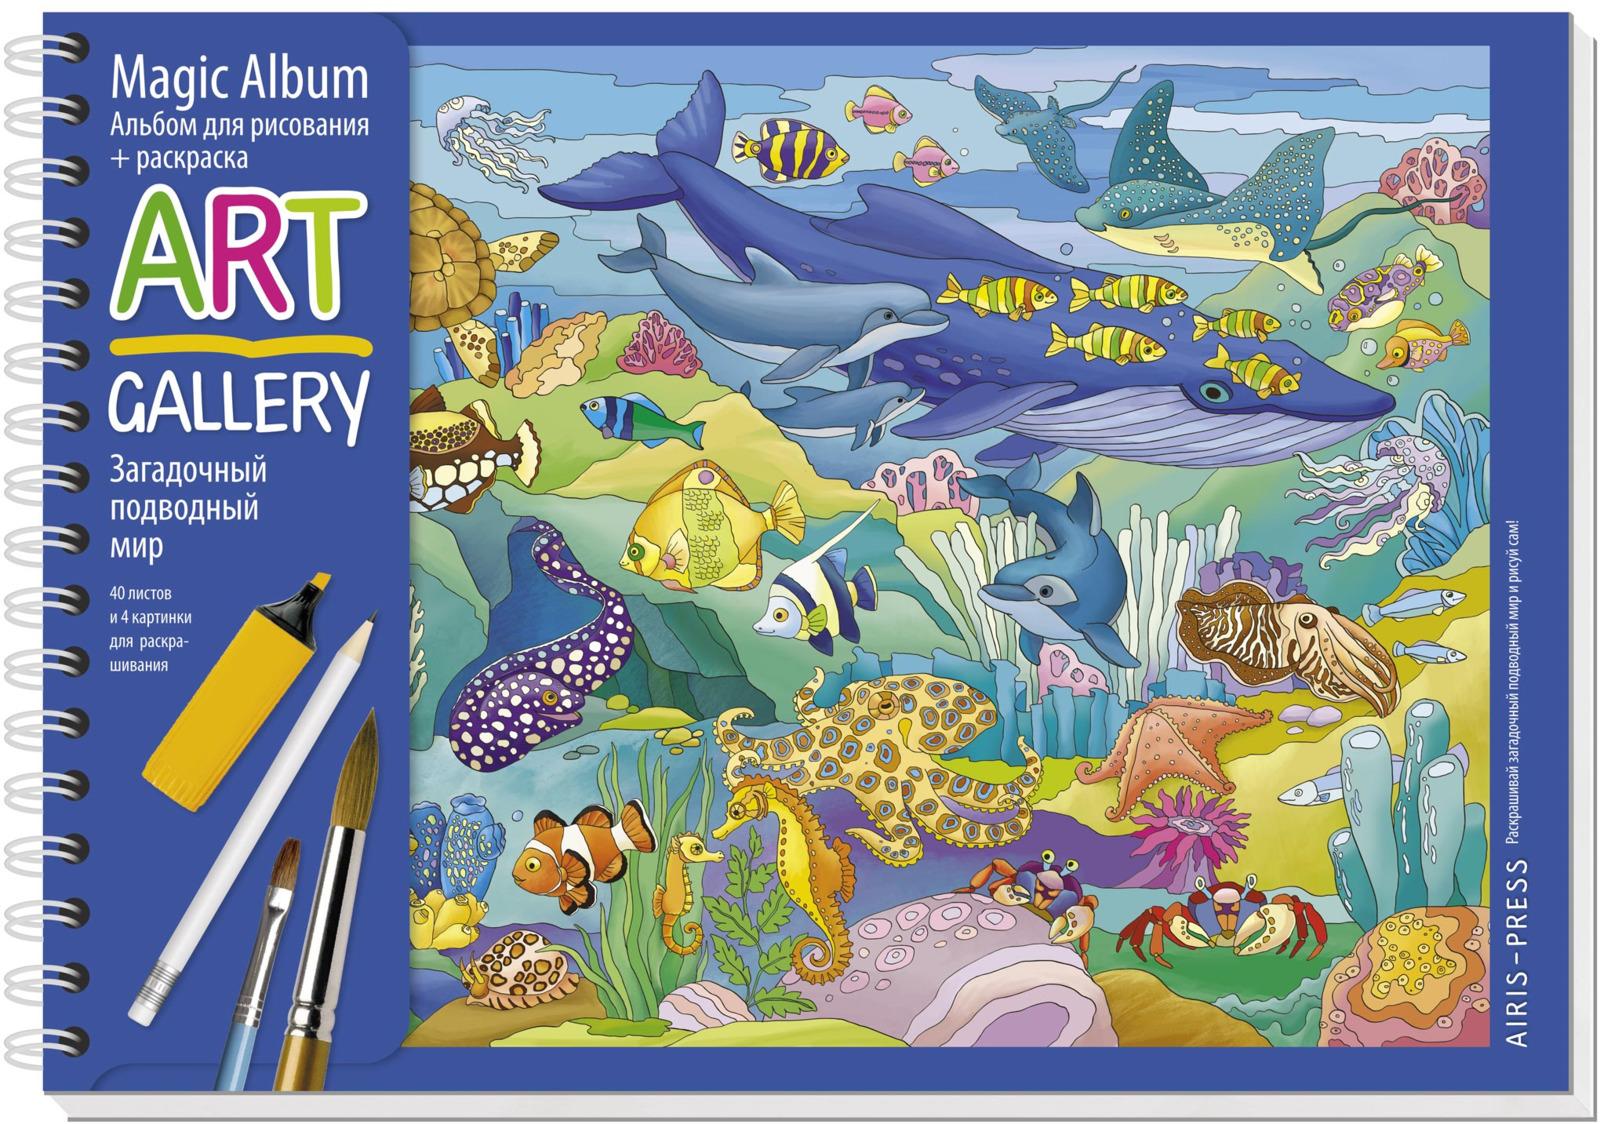 Загадочный подводный мир. Альбом для рисования+Раскраска